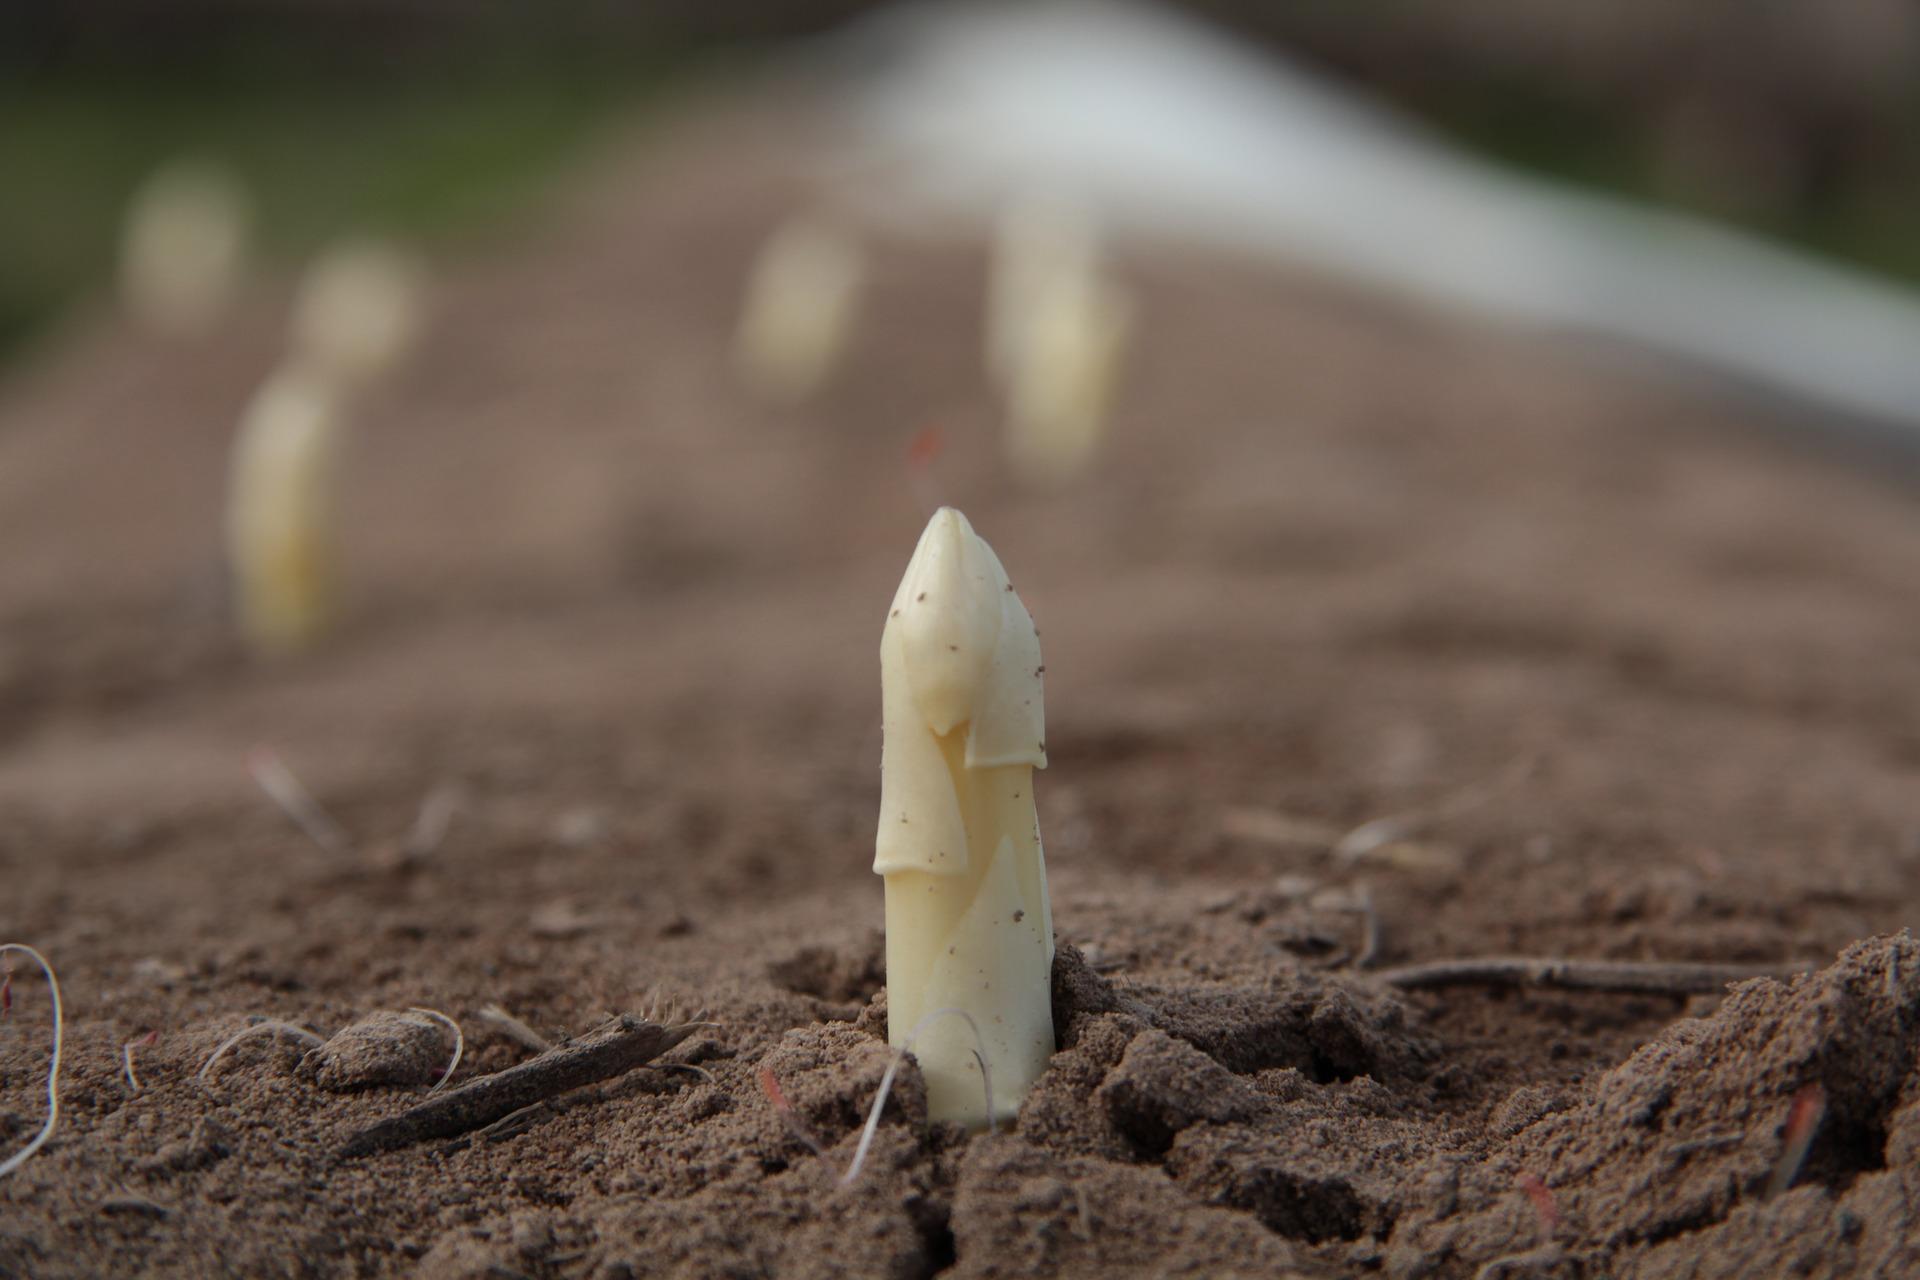 Comment Planter Des Asperges comment cultiver des asperges ? - une adresse